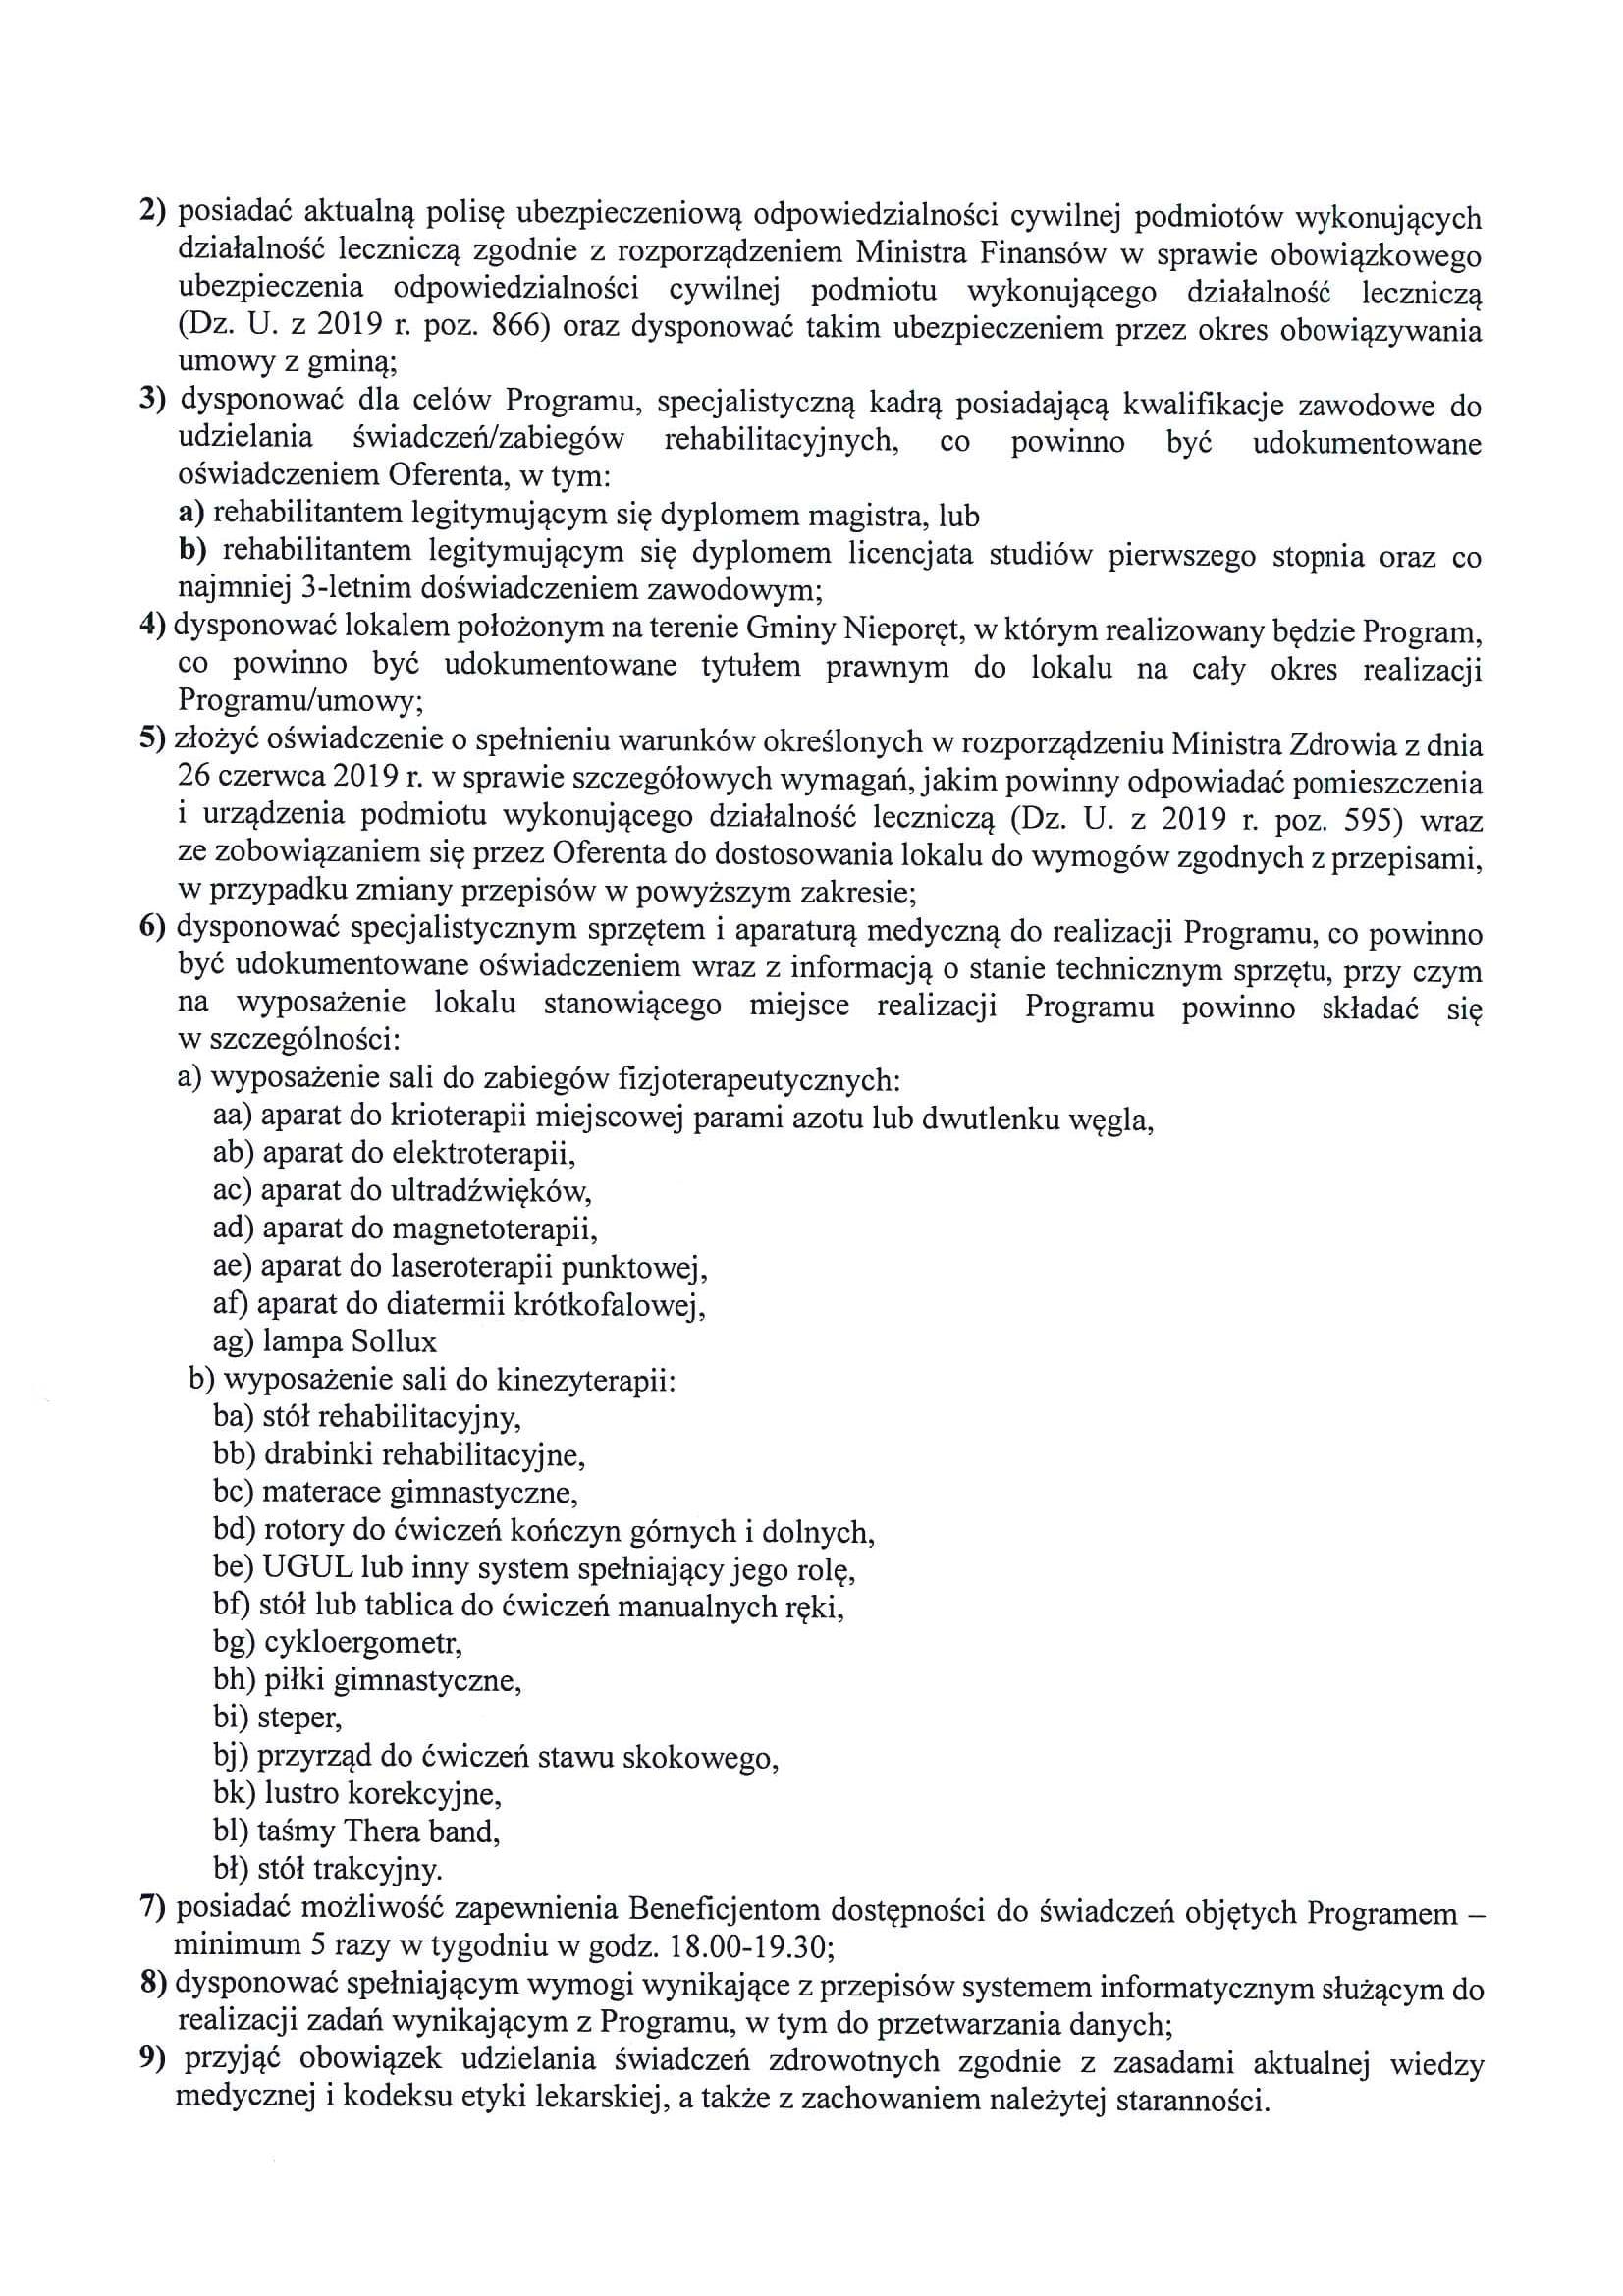 zarza.183.2019-05